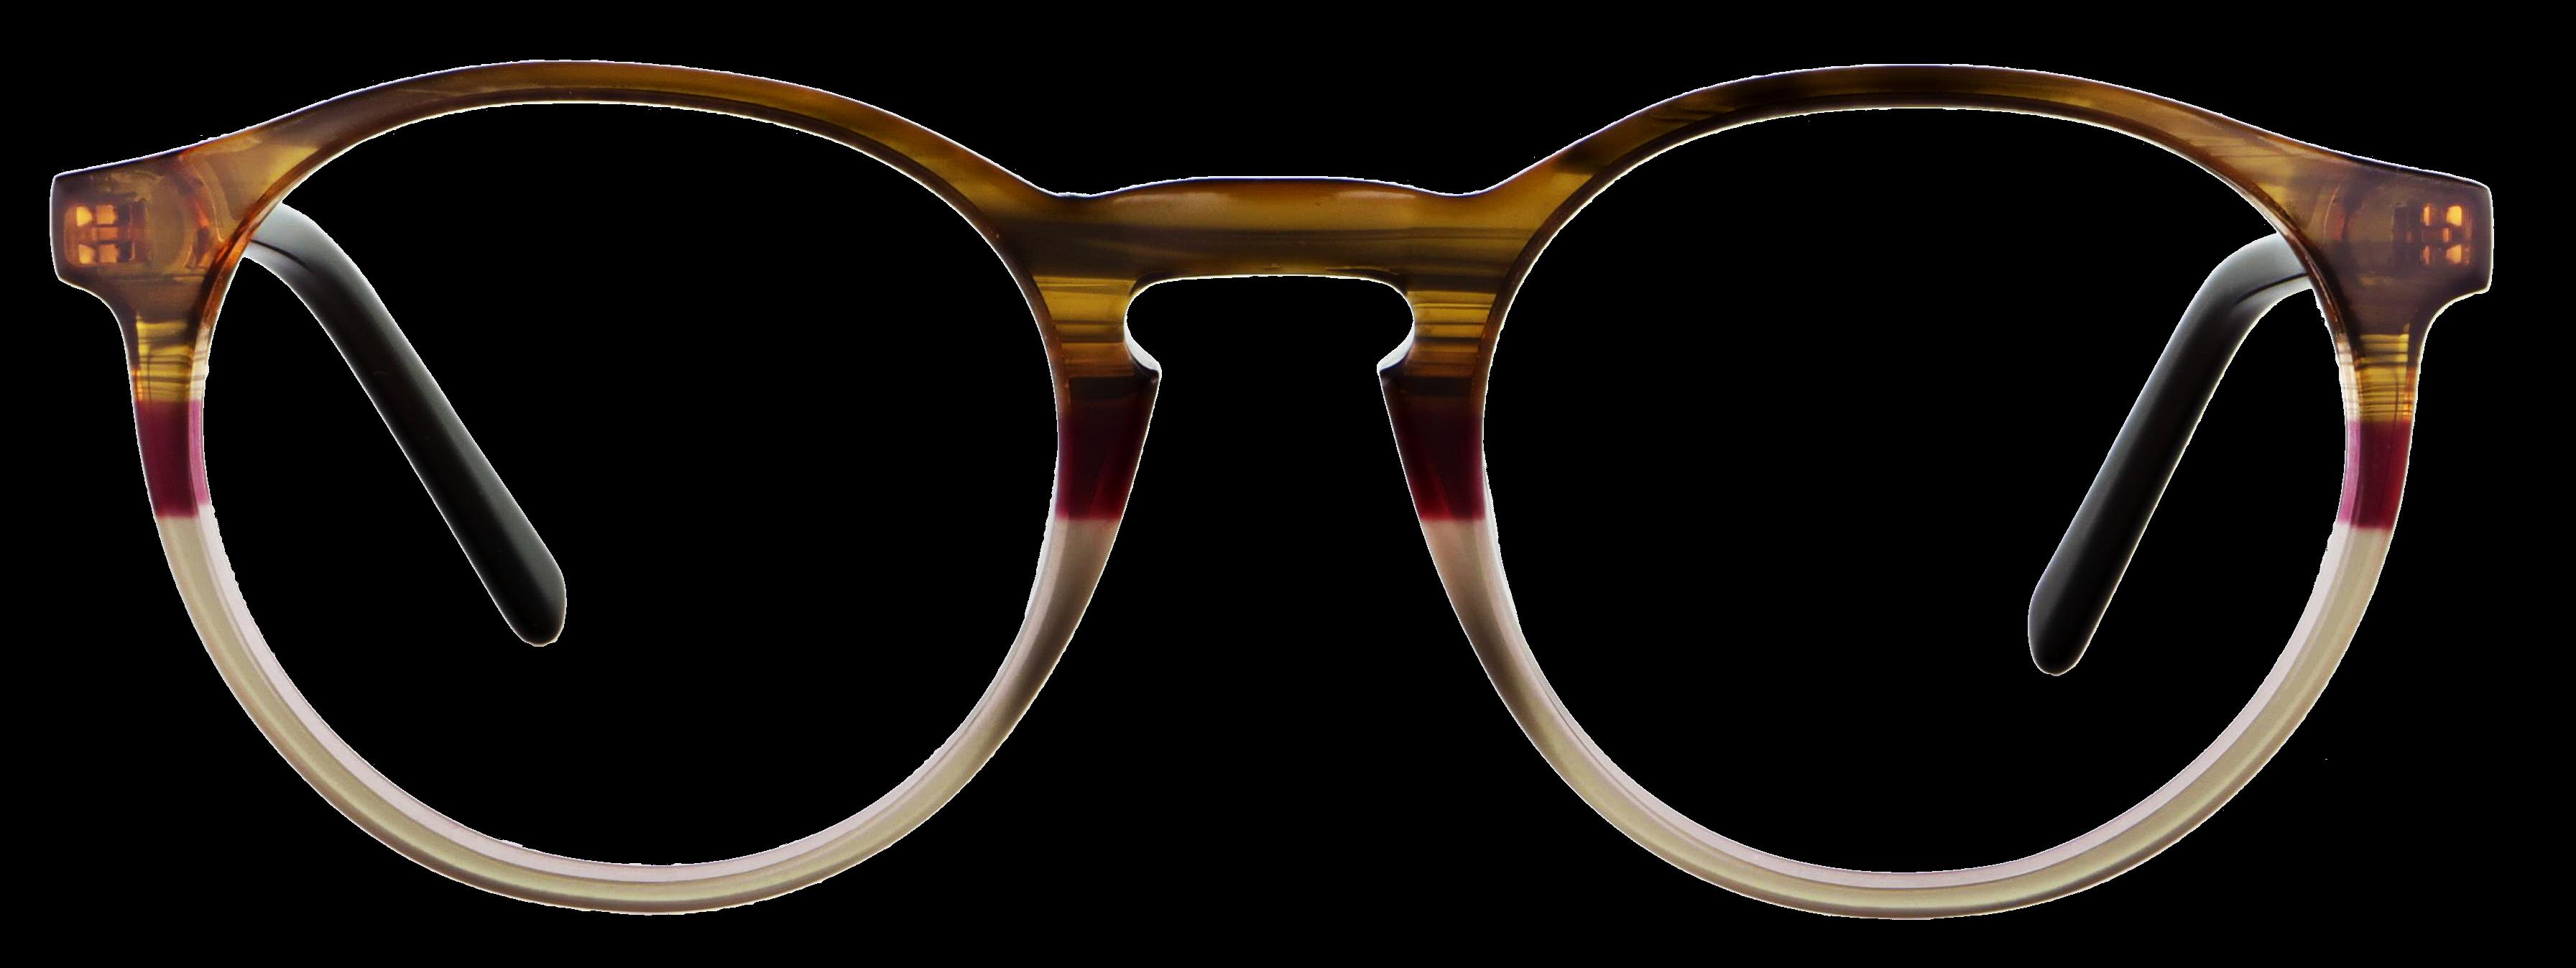 abele optik Brille 140521